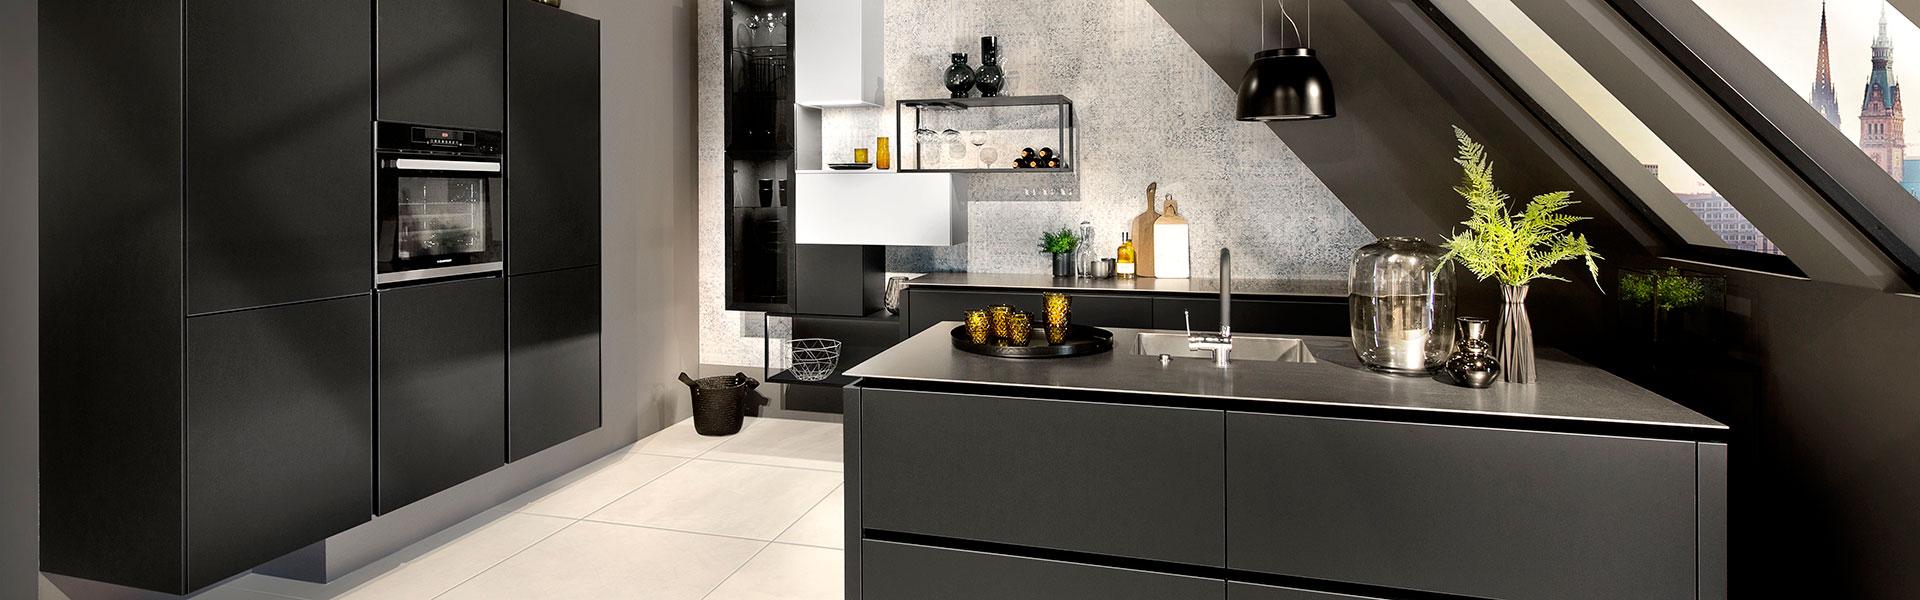 Mooie donkere keuken | Keuken inspiratie | Eigenhuis Keukens